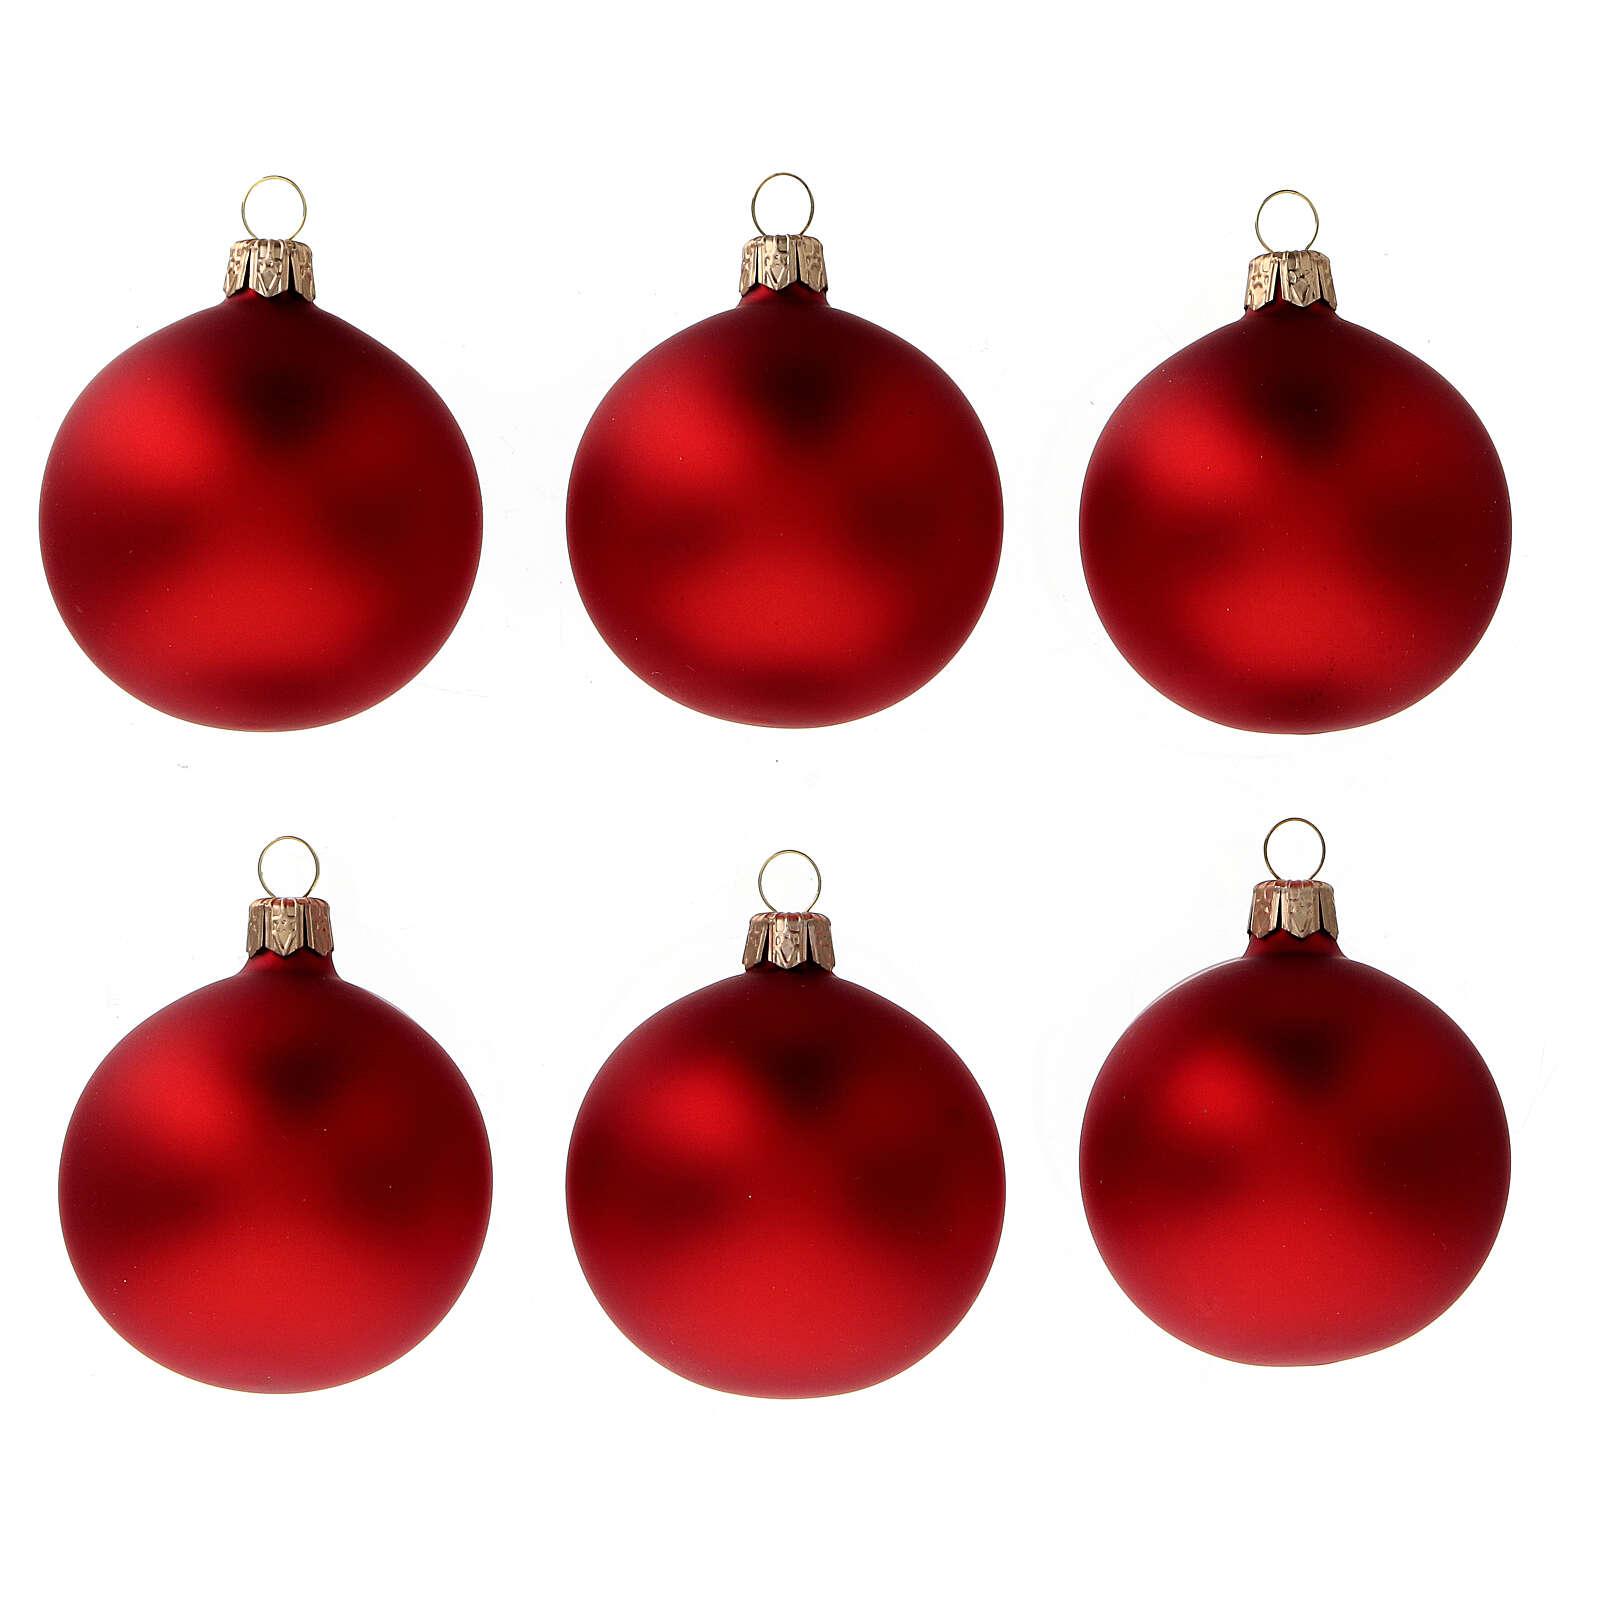 Bola árbol Navidad vidrio soplado rojo opaco 60 mm 6 piezas 4